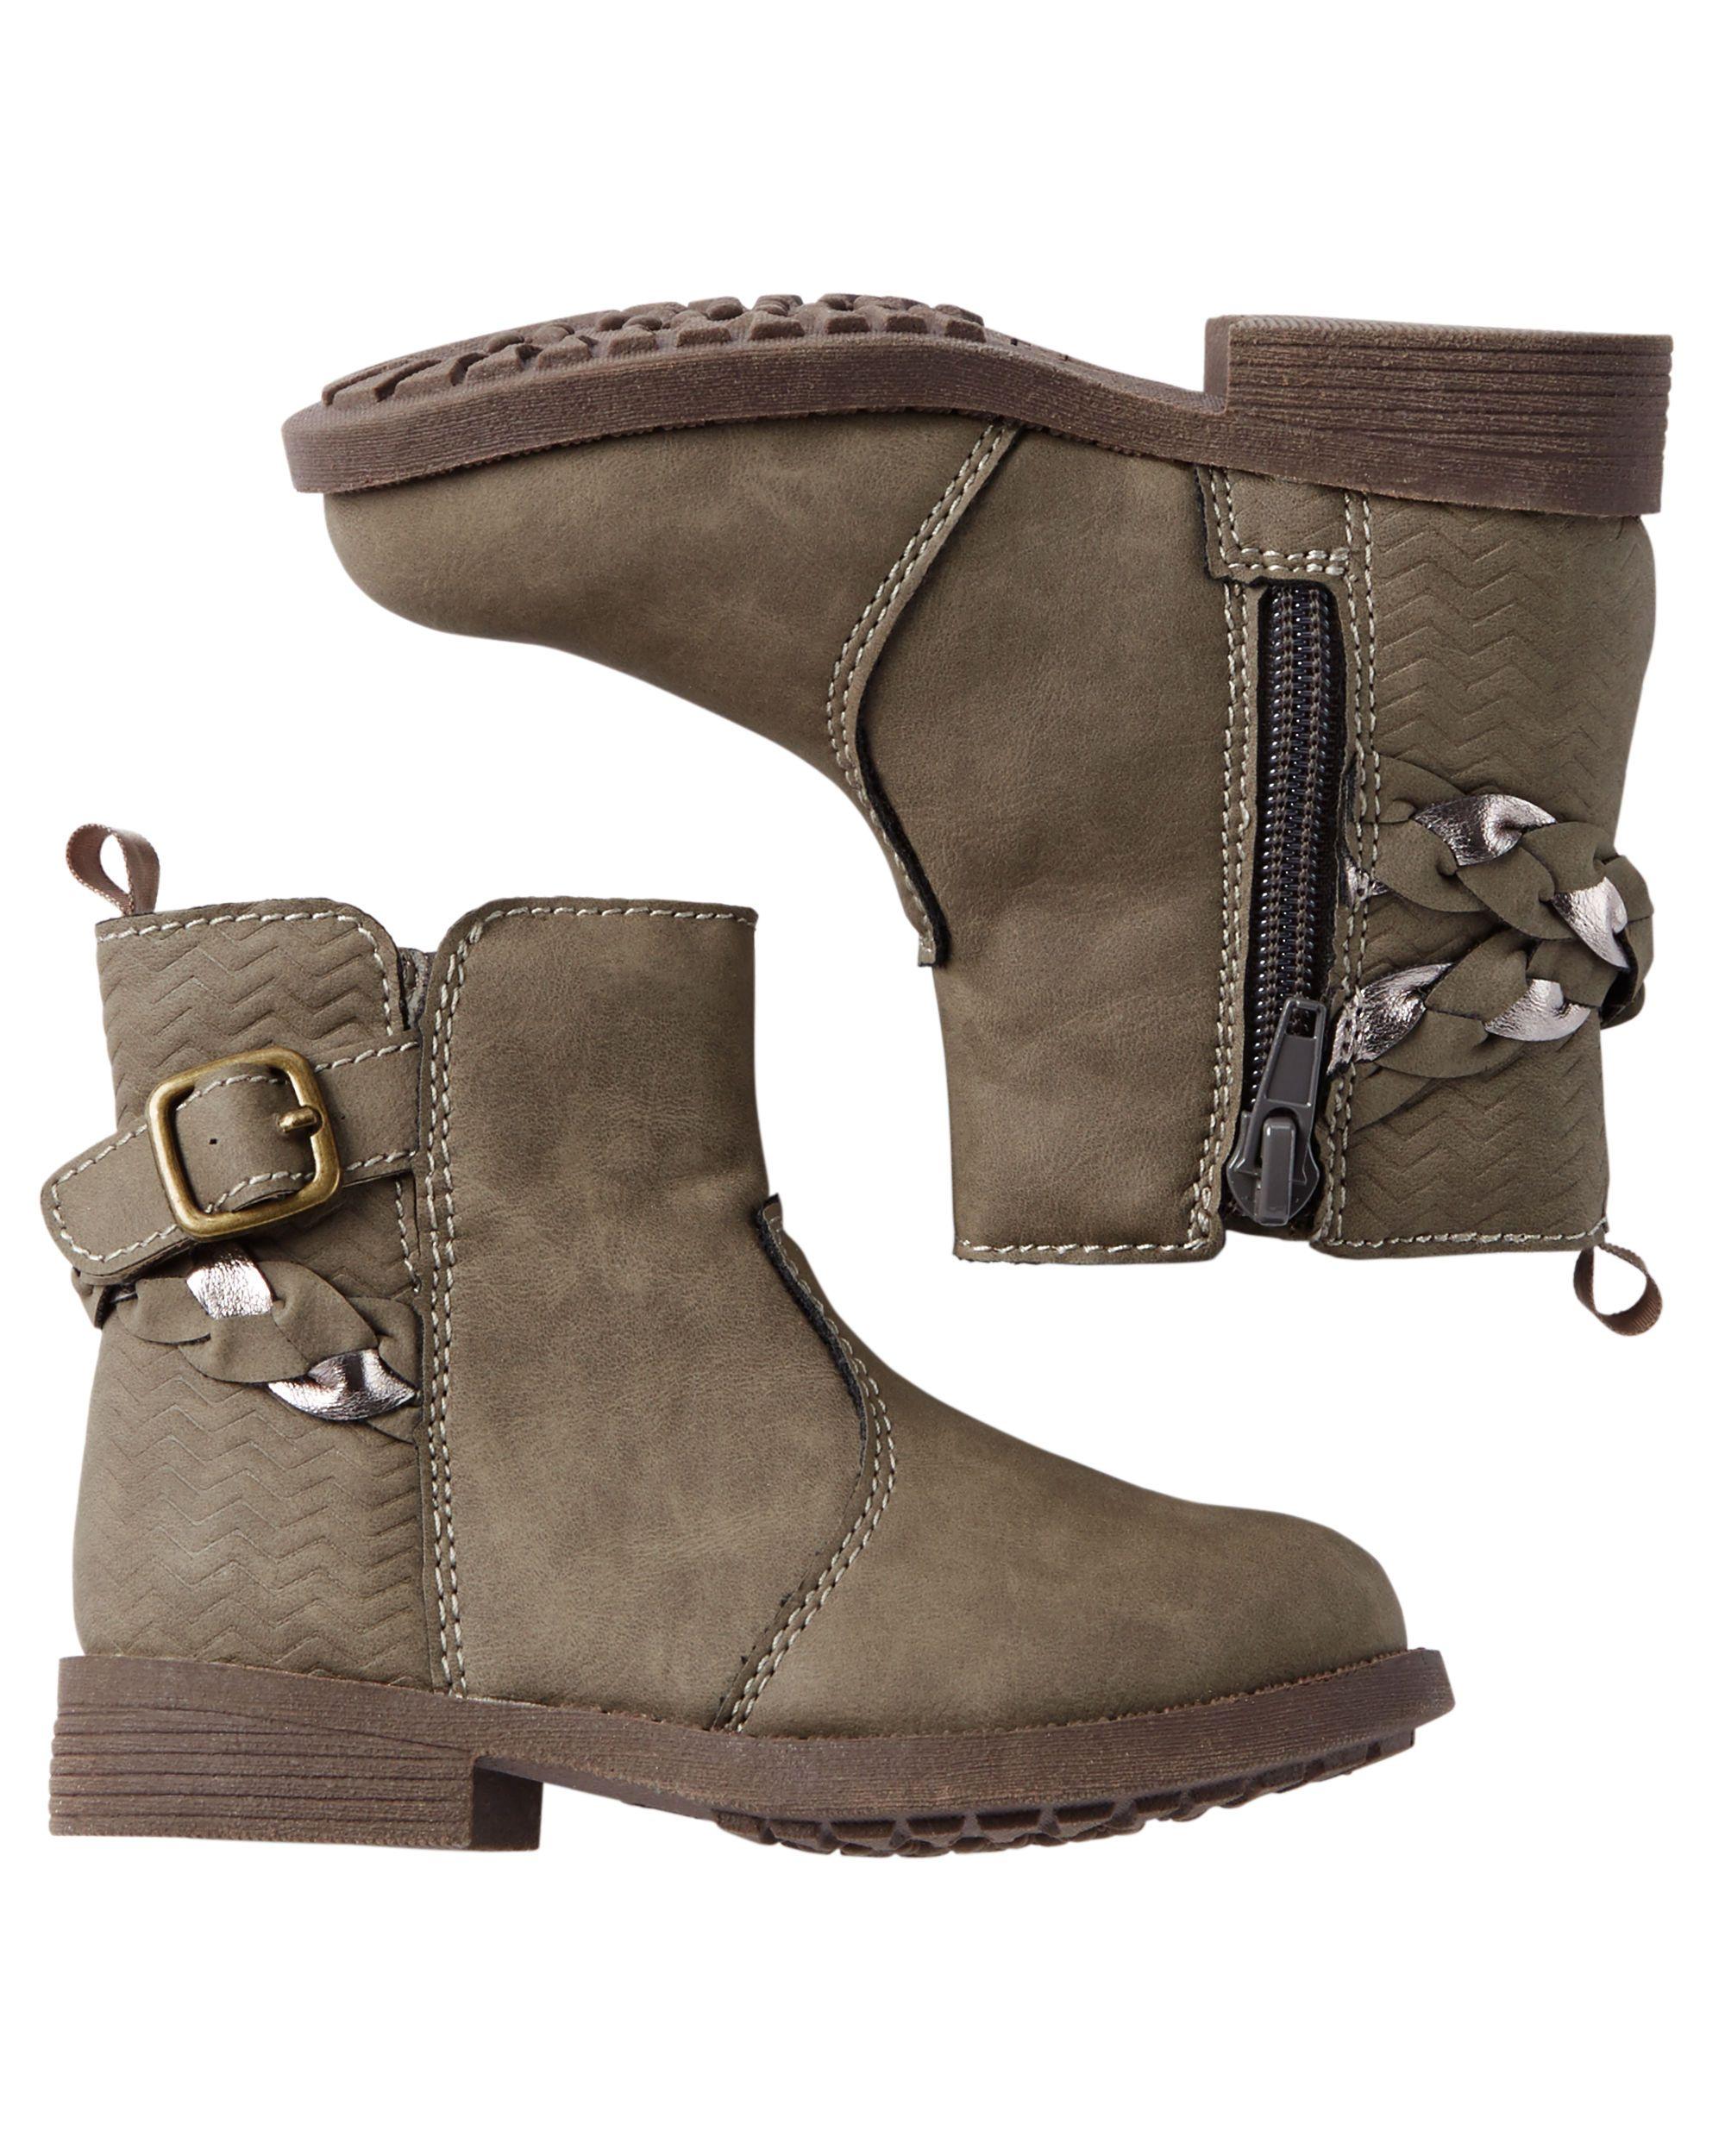 Ariat Women's Boots Giselle Dark Tan